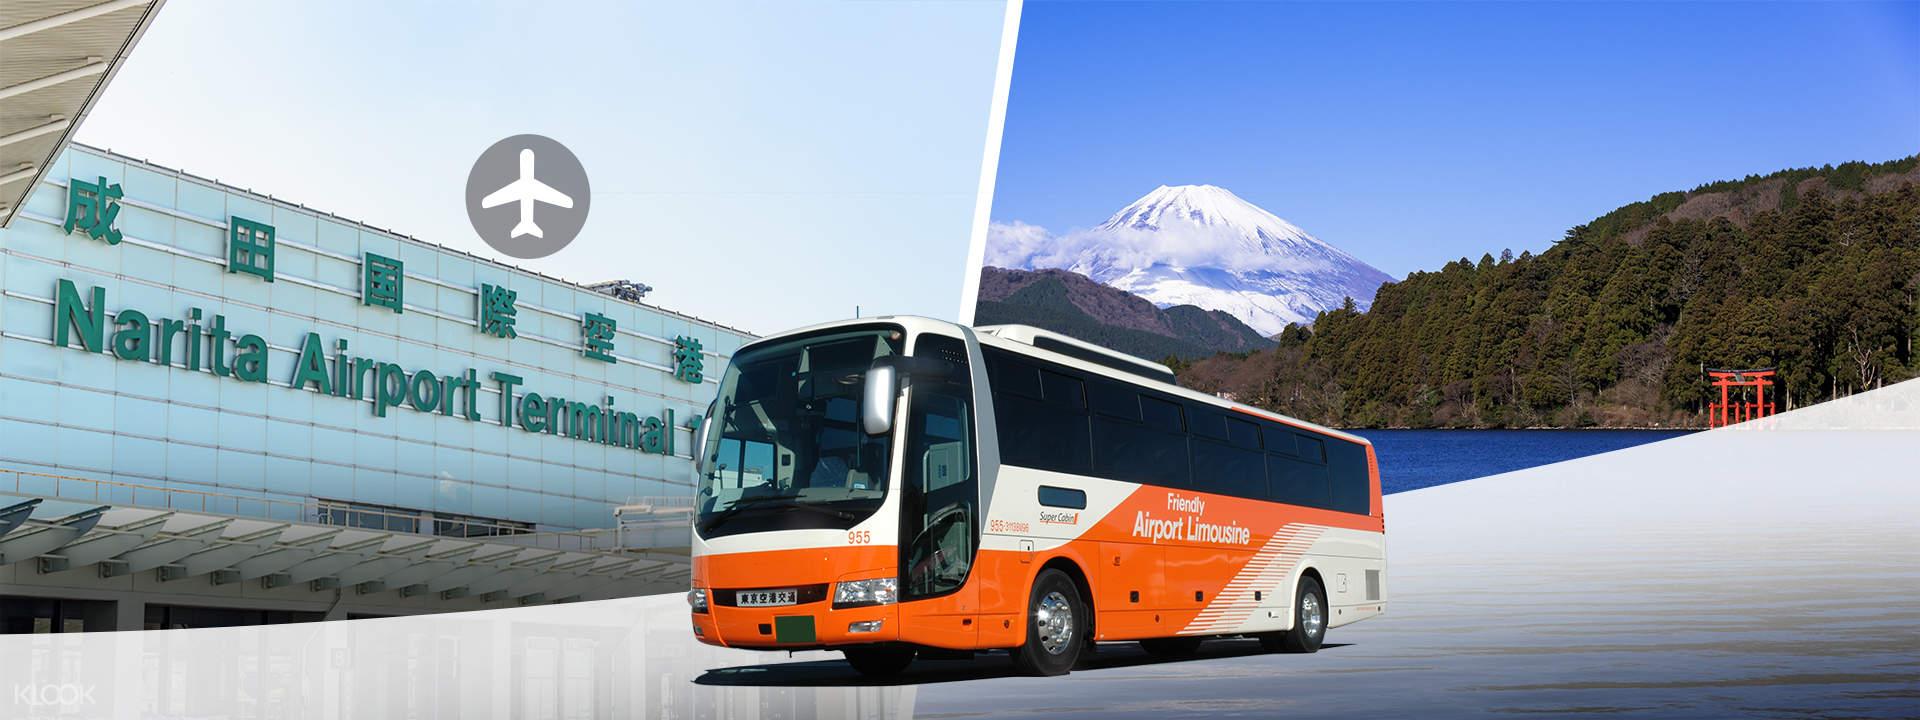 Narita Airport Limousine Bus & Hakone 2-Day Free Pass